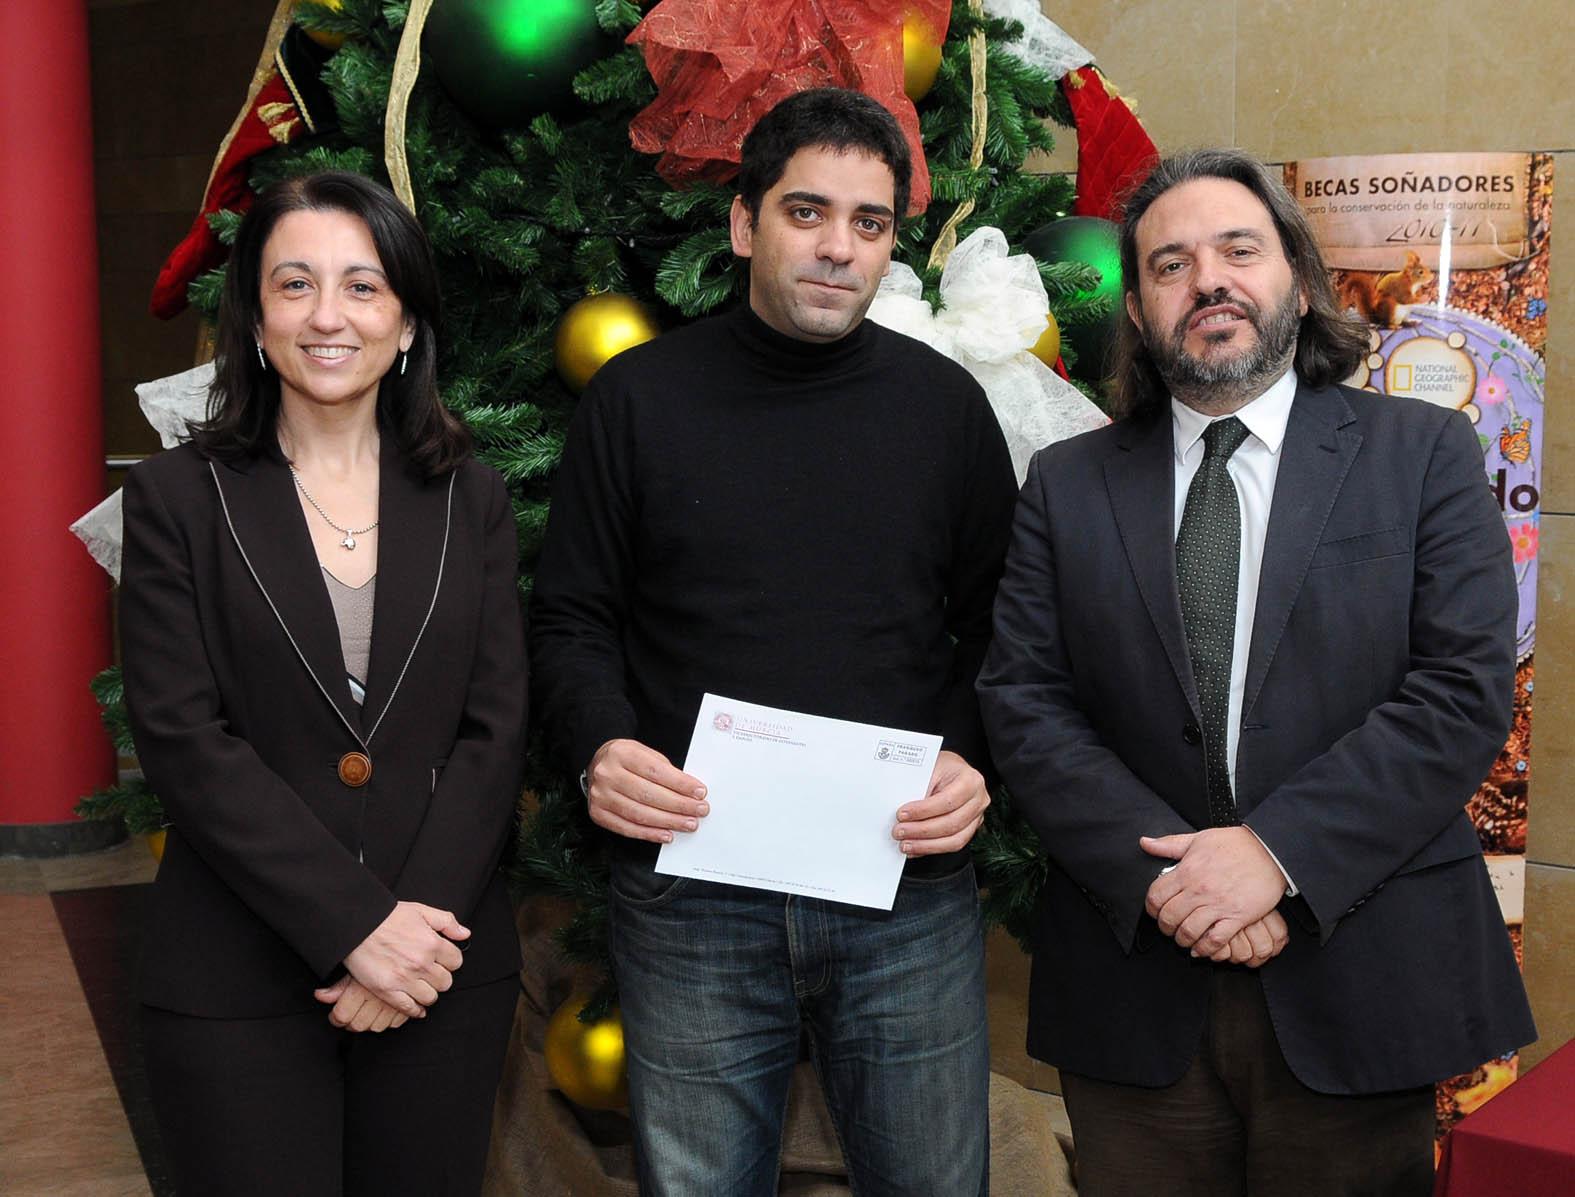 Premio imagen Unimar 2011